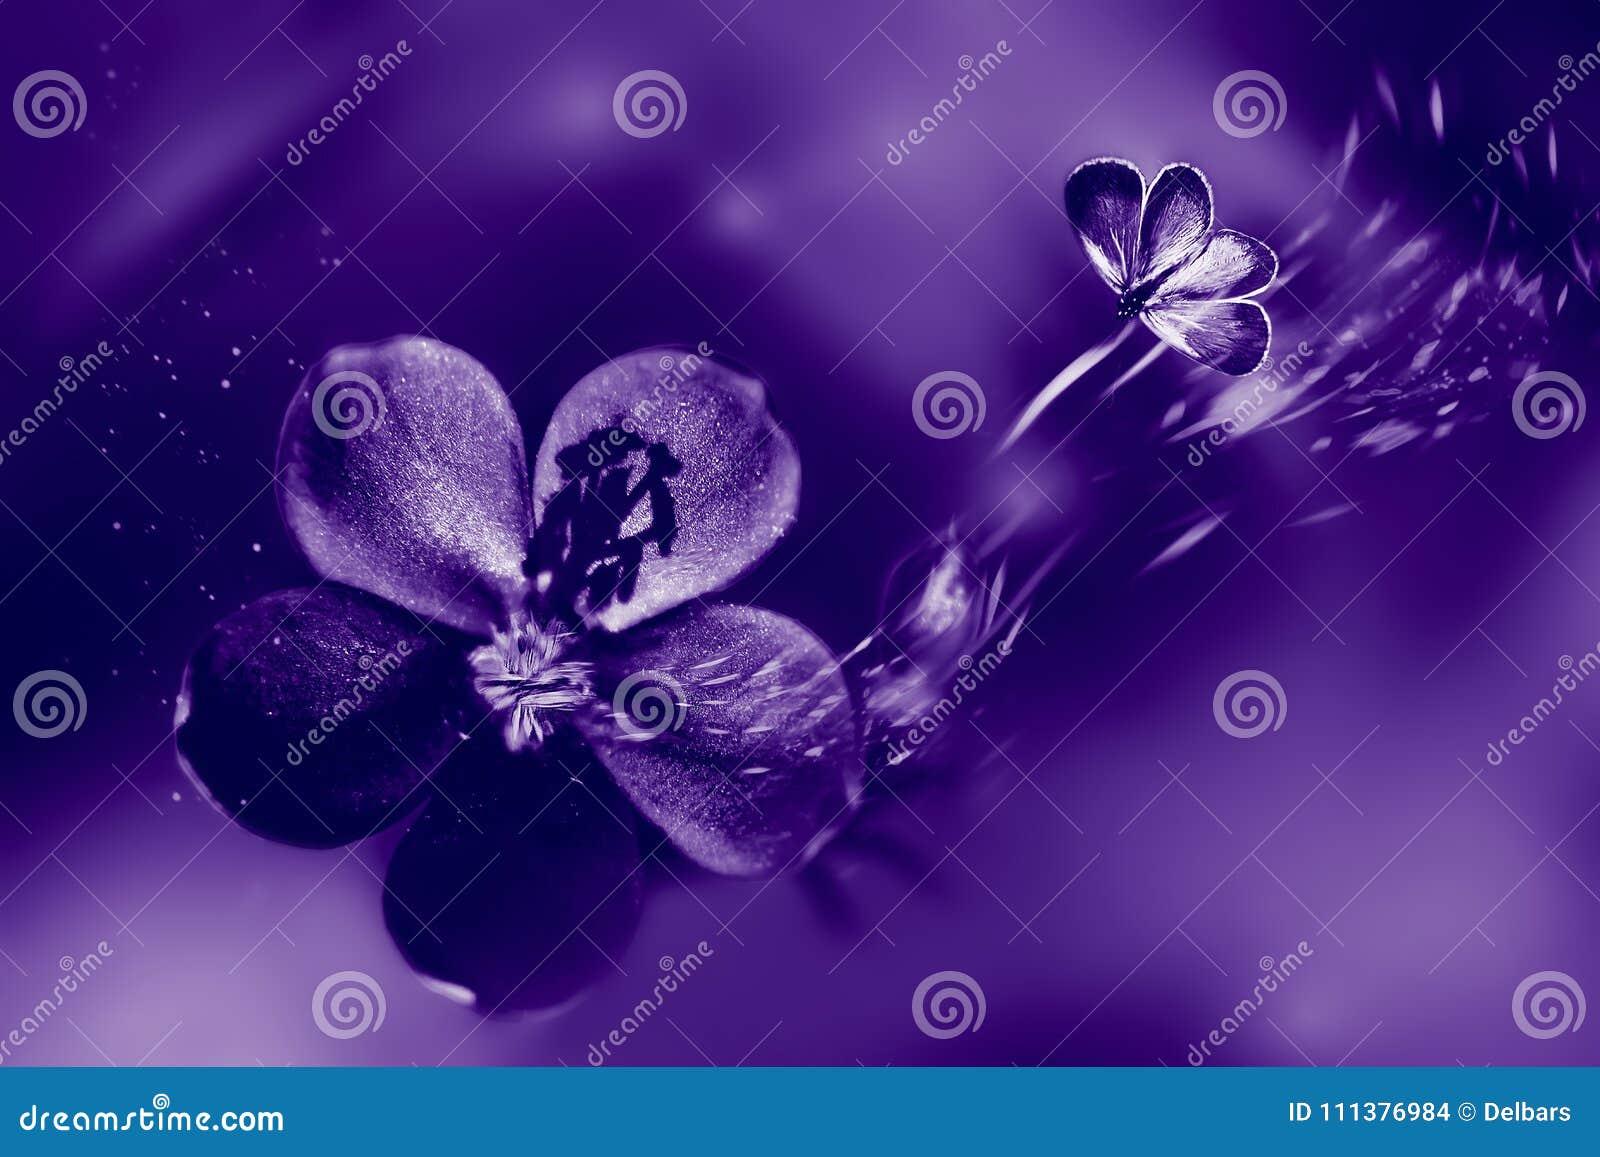 Fondo fasionable naturale ultravioletto Fiori e farfalla nel moto